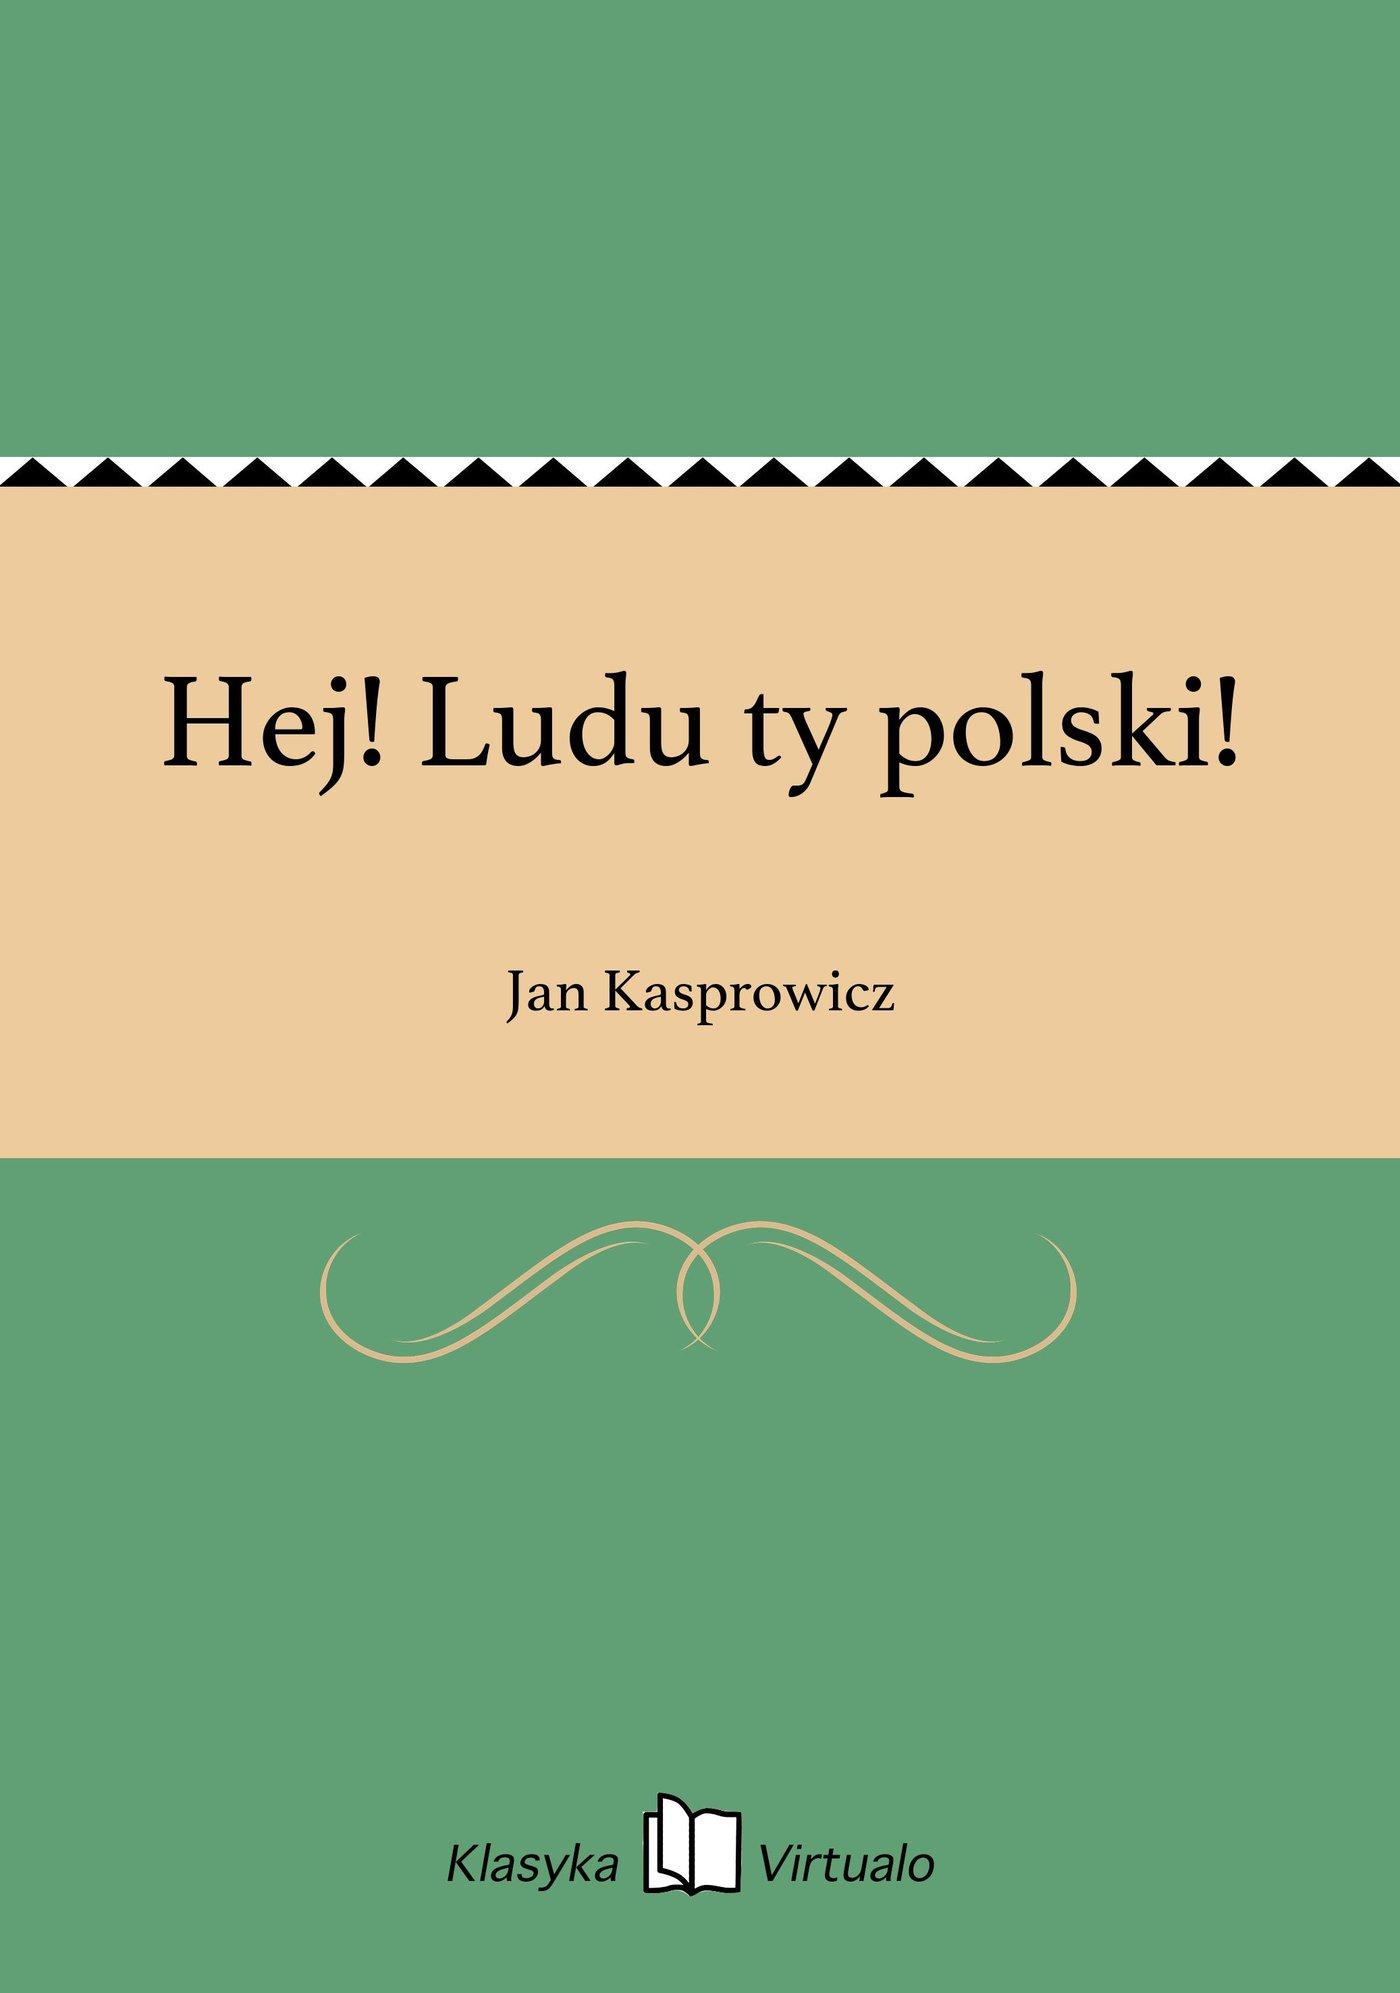 Hej! Ludu ty polski! - Ebook (Książka EPUB) do pobrania w formacie EPUB